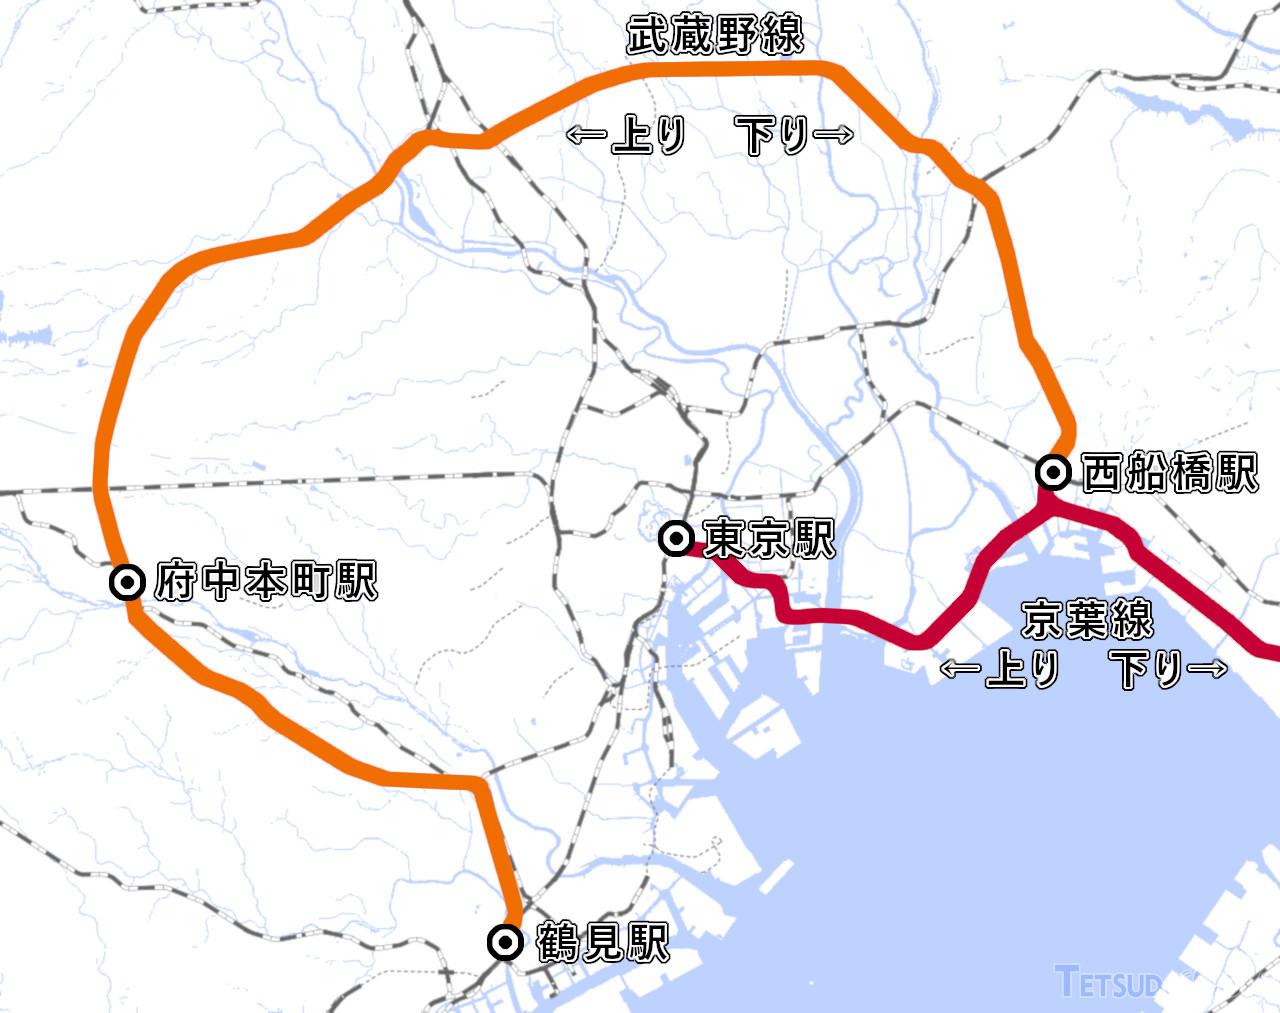 武蔵野線と京葉線の路線図(国土地理院「地理院地図Vector」の標準地図に加筆)